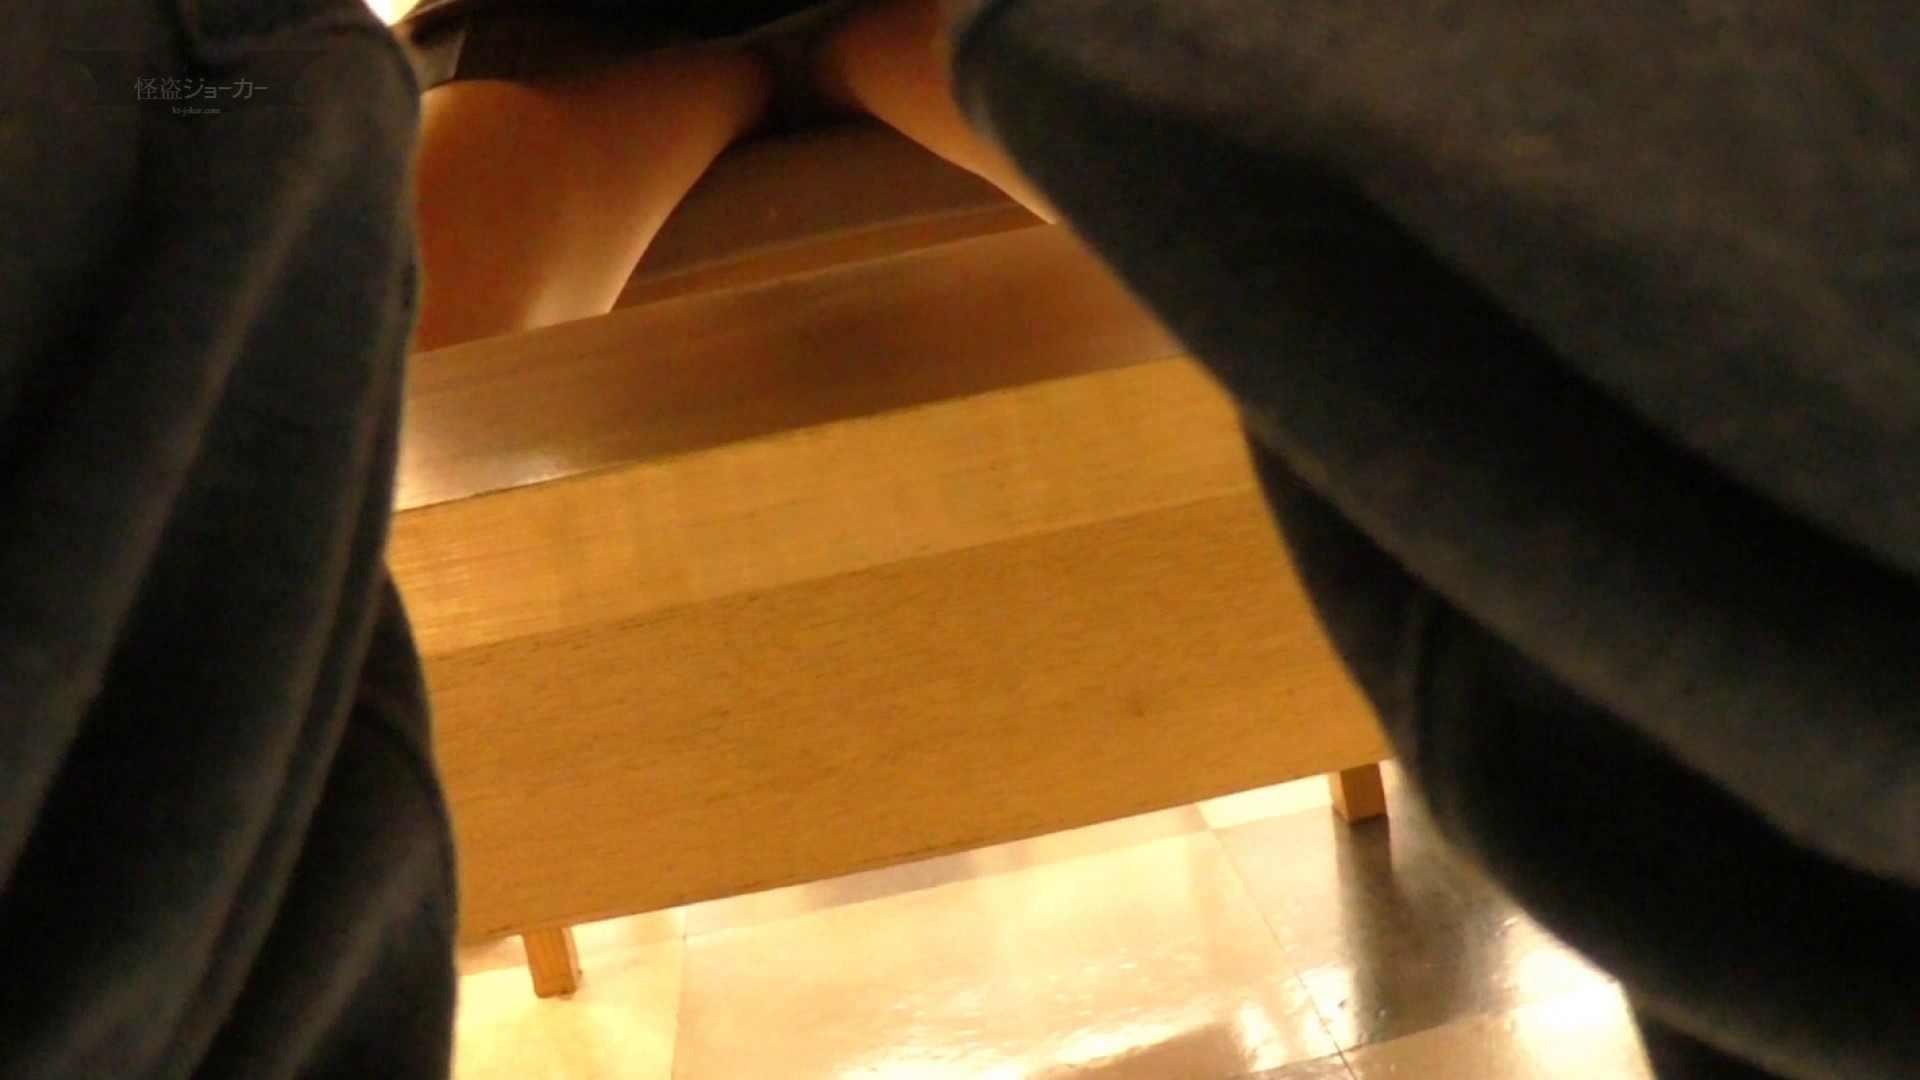 机の下の世界 Vol.03 人生色々、生足も色々!! エッチなパンツ オメコ動画キャプチャ 105枚 104